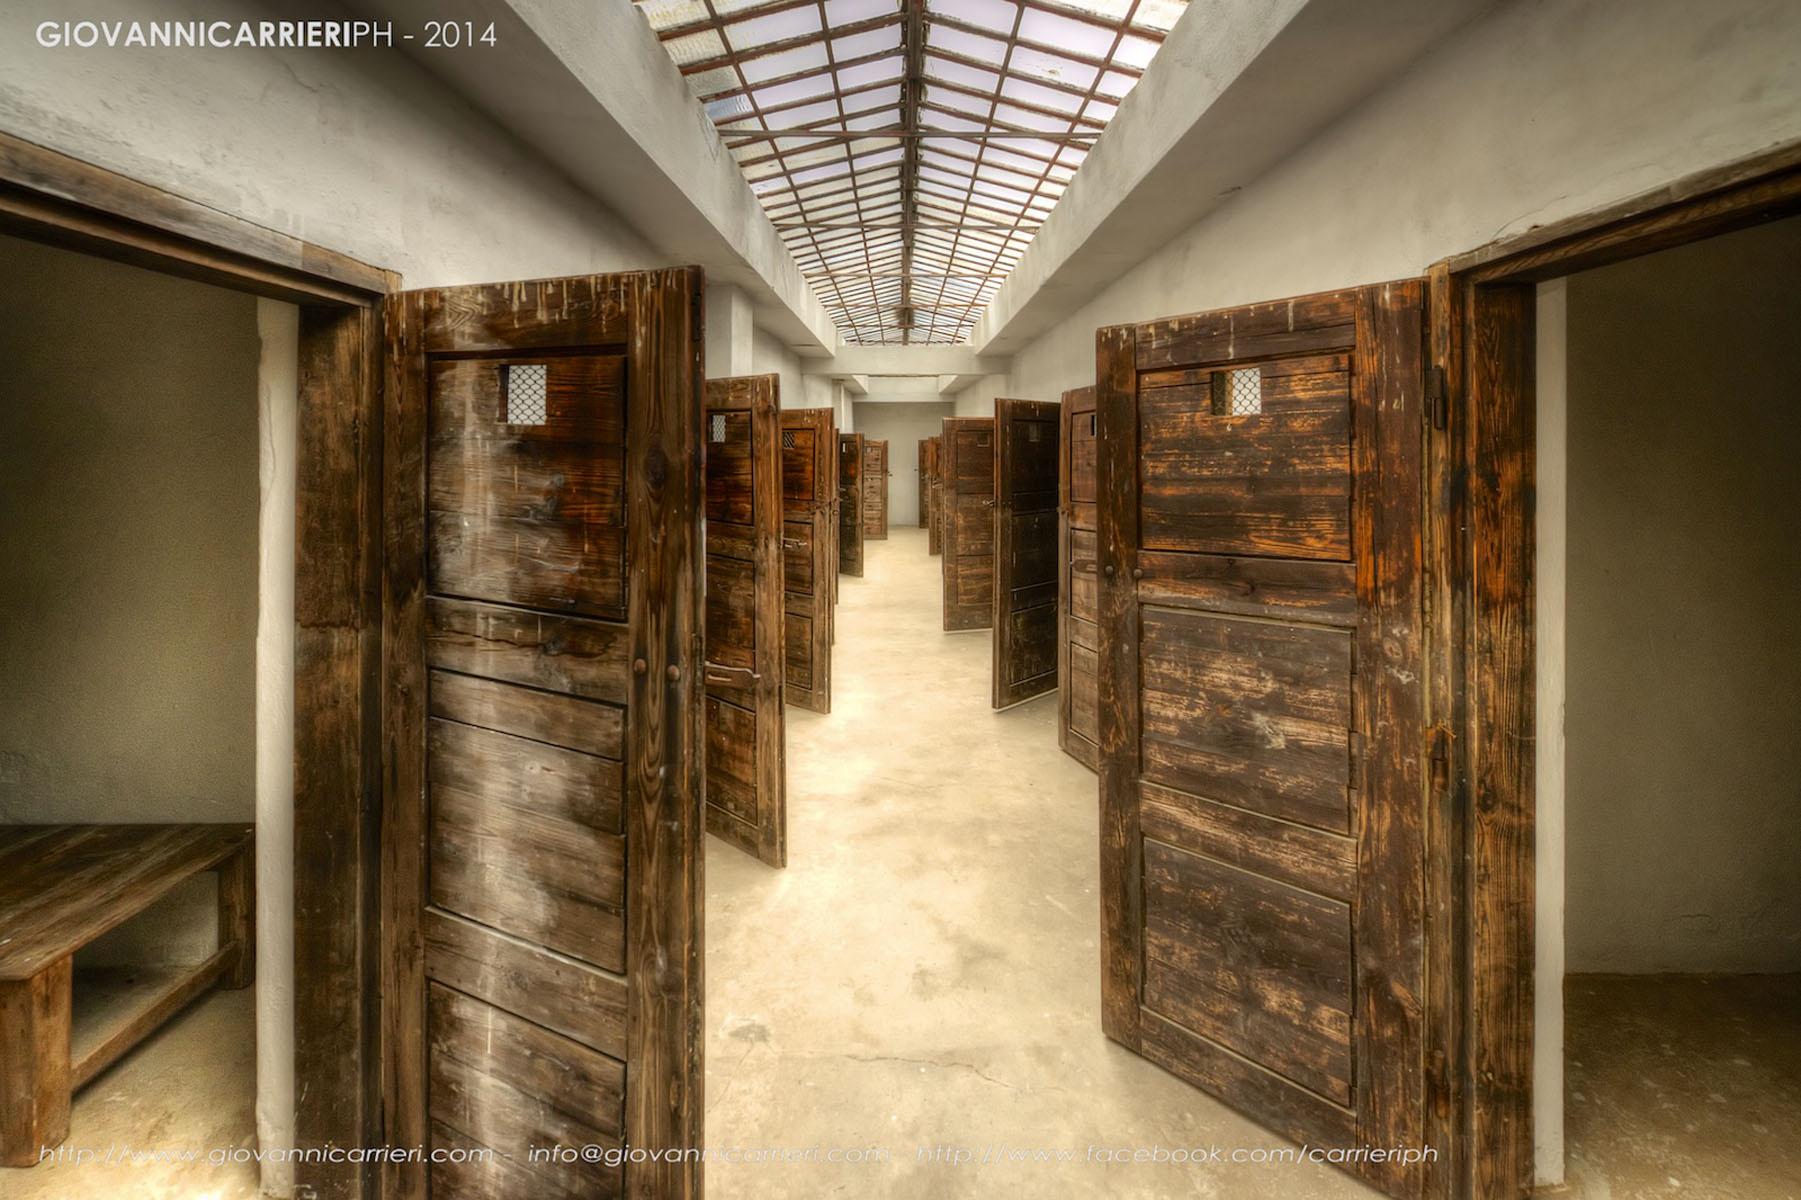 Celle di detenzione del quarto cortile - Theresienstadt